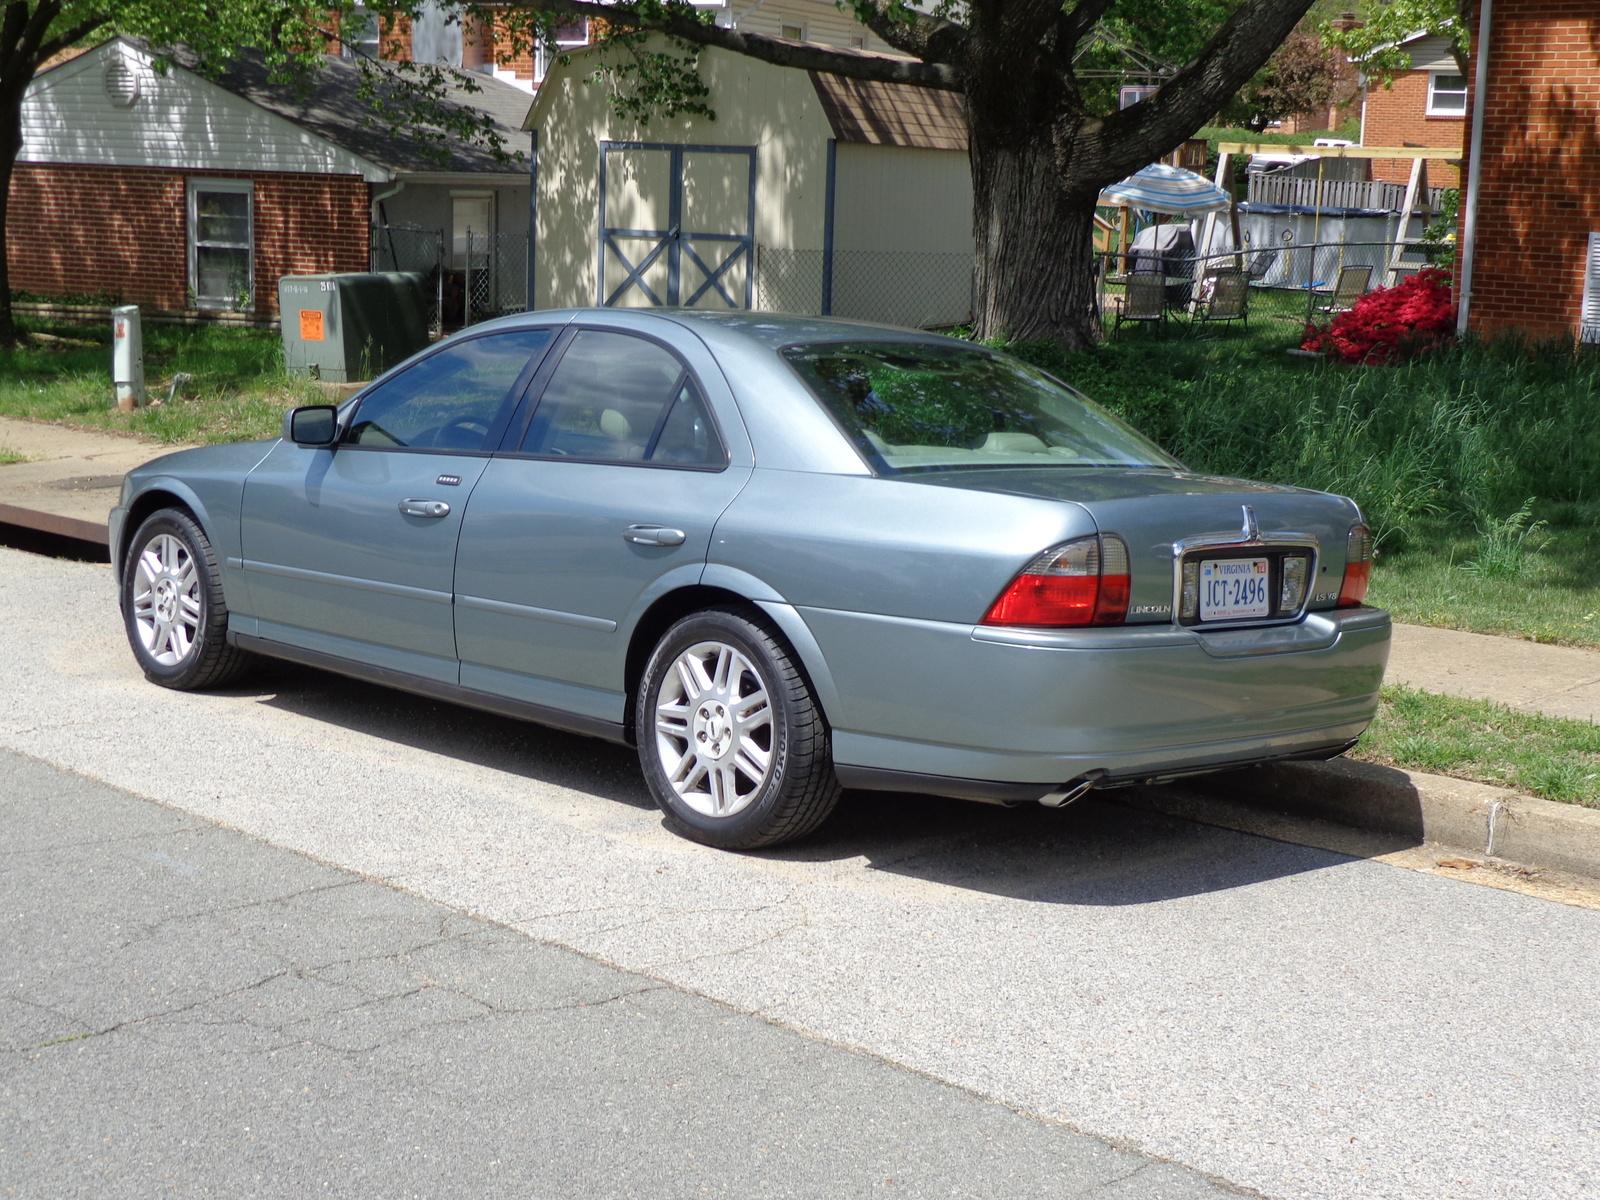 2003 Lincoln Mkc Concept